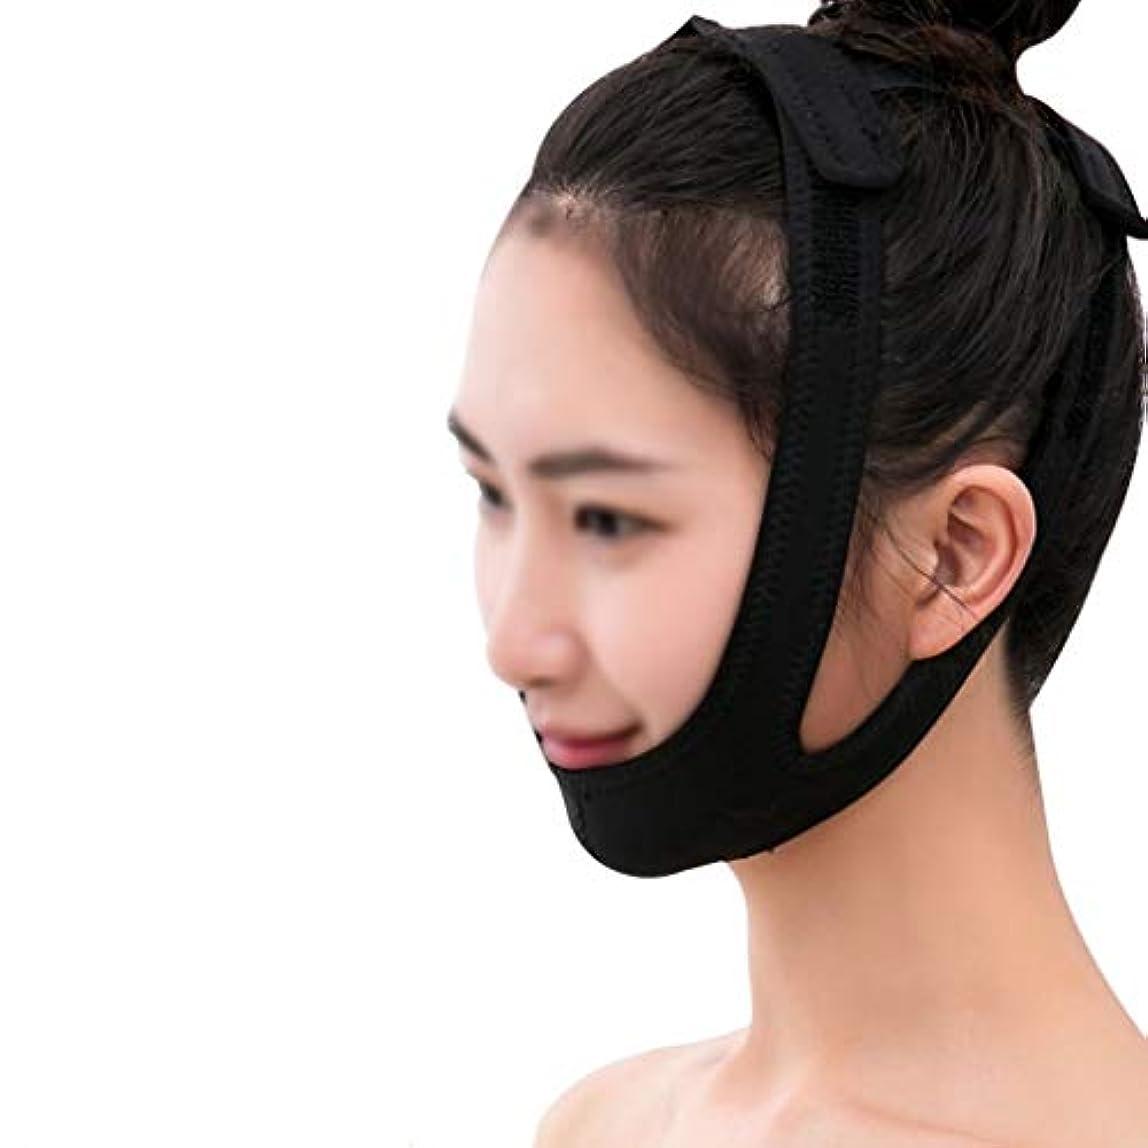 鉄道認可取り出すフェイシャルリフティングマスク、医療用ワイヤーカービングリカバリーヘッドギアVフェイスバンデージダブルチンフェイスリフトマスクブラック